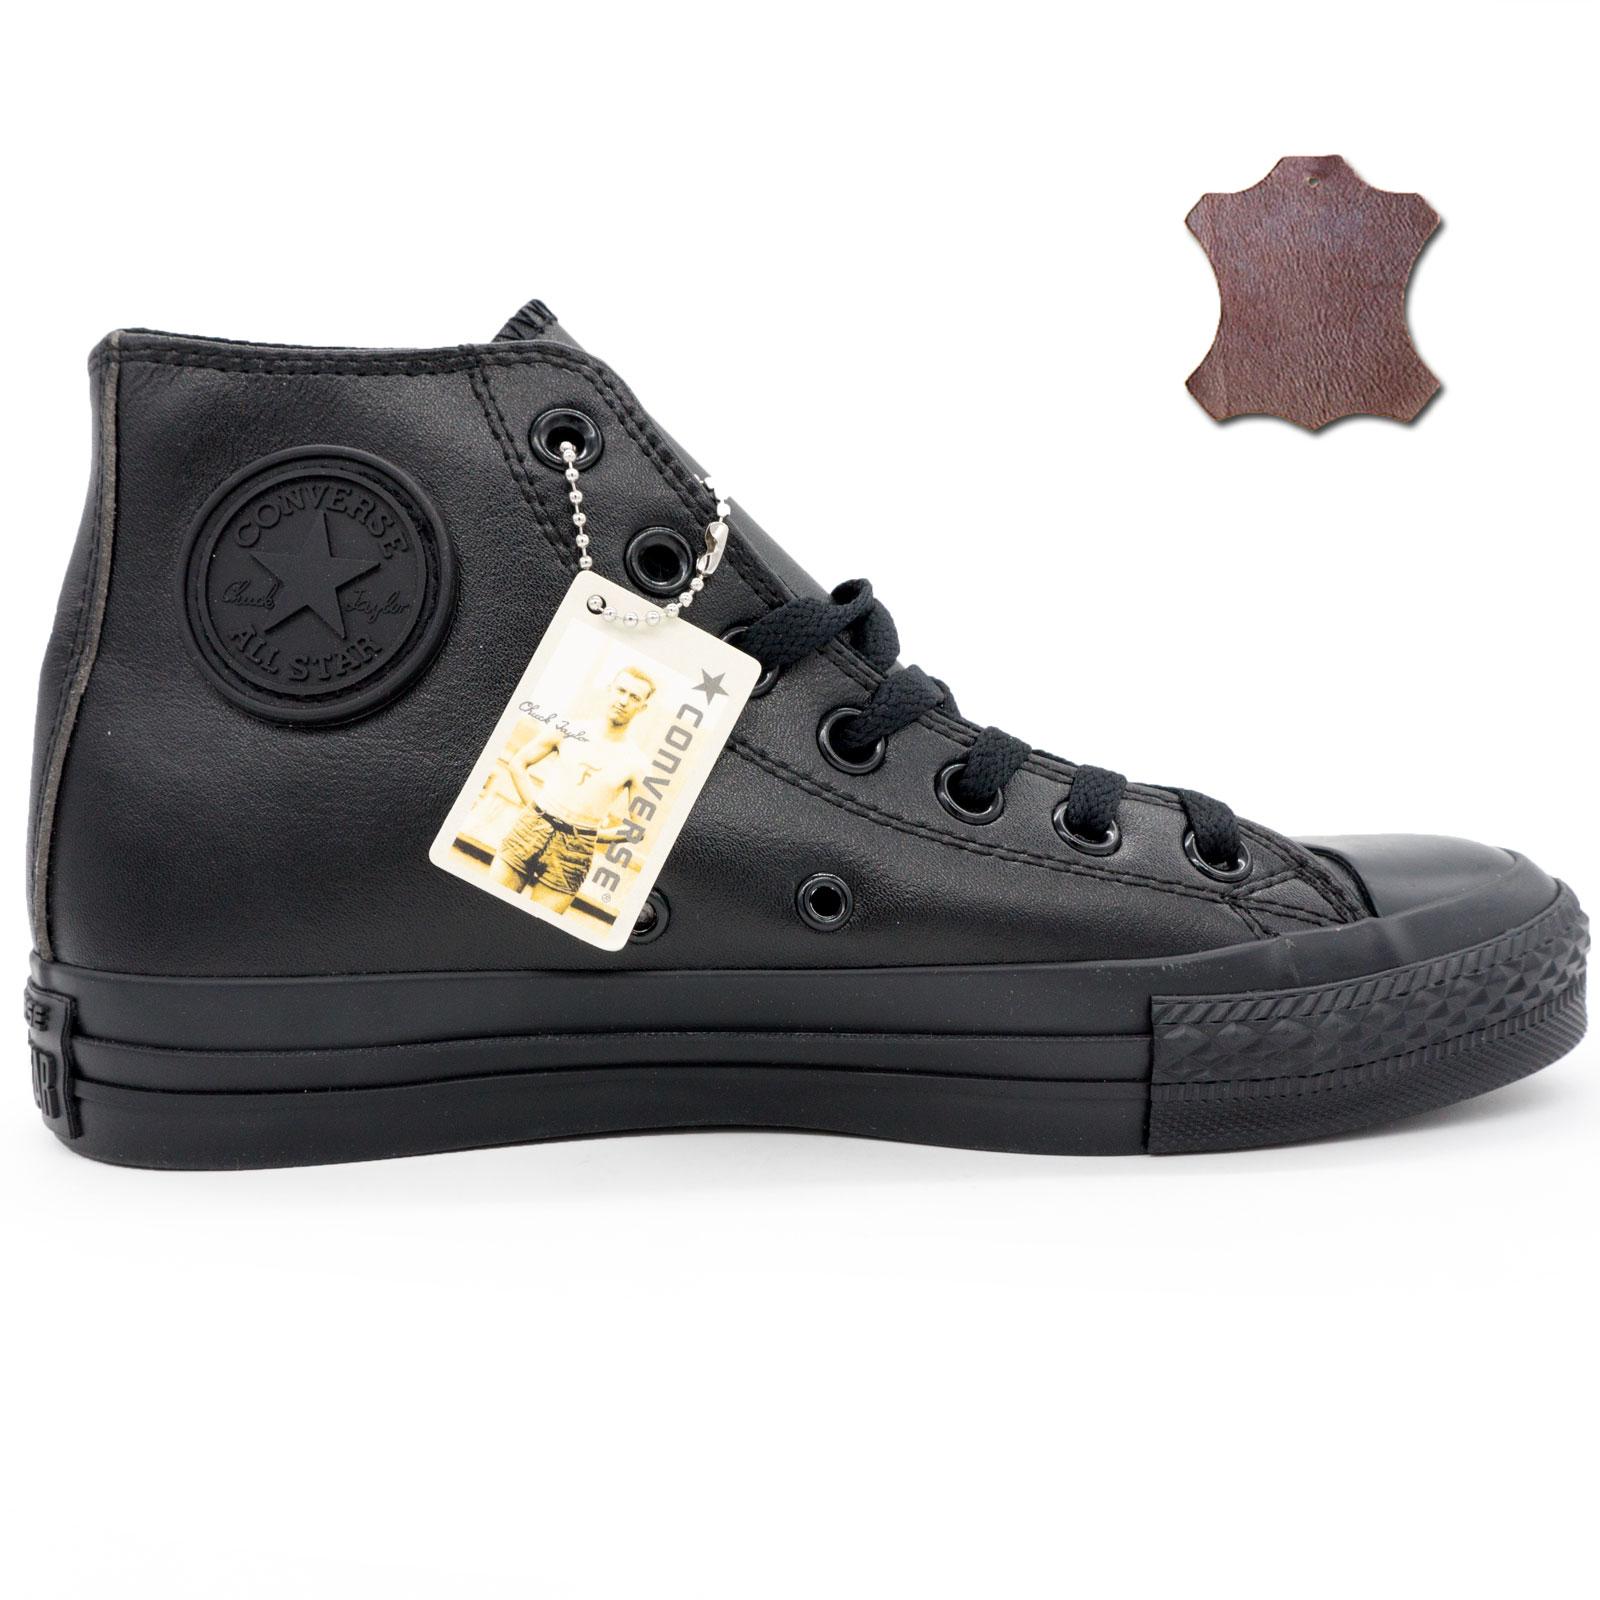 фото main Кеды Converse кожаные высокие полностью черные main